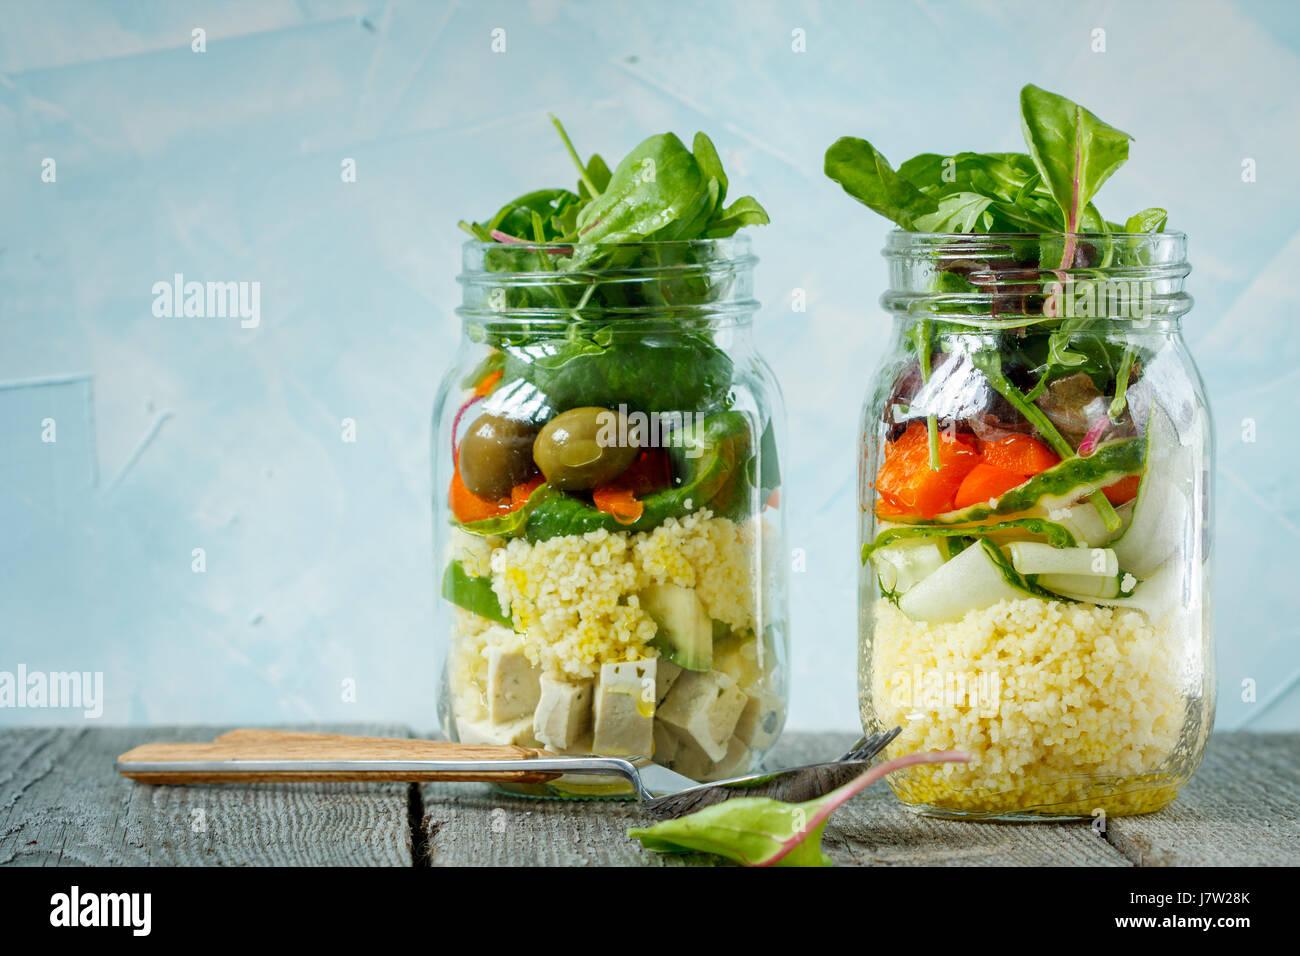 Bunter Salat mit Couscous, Tofu und Gemüse im Glas. Liebe für eine gesunde vegane Ernährung Konzept Stockbild